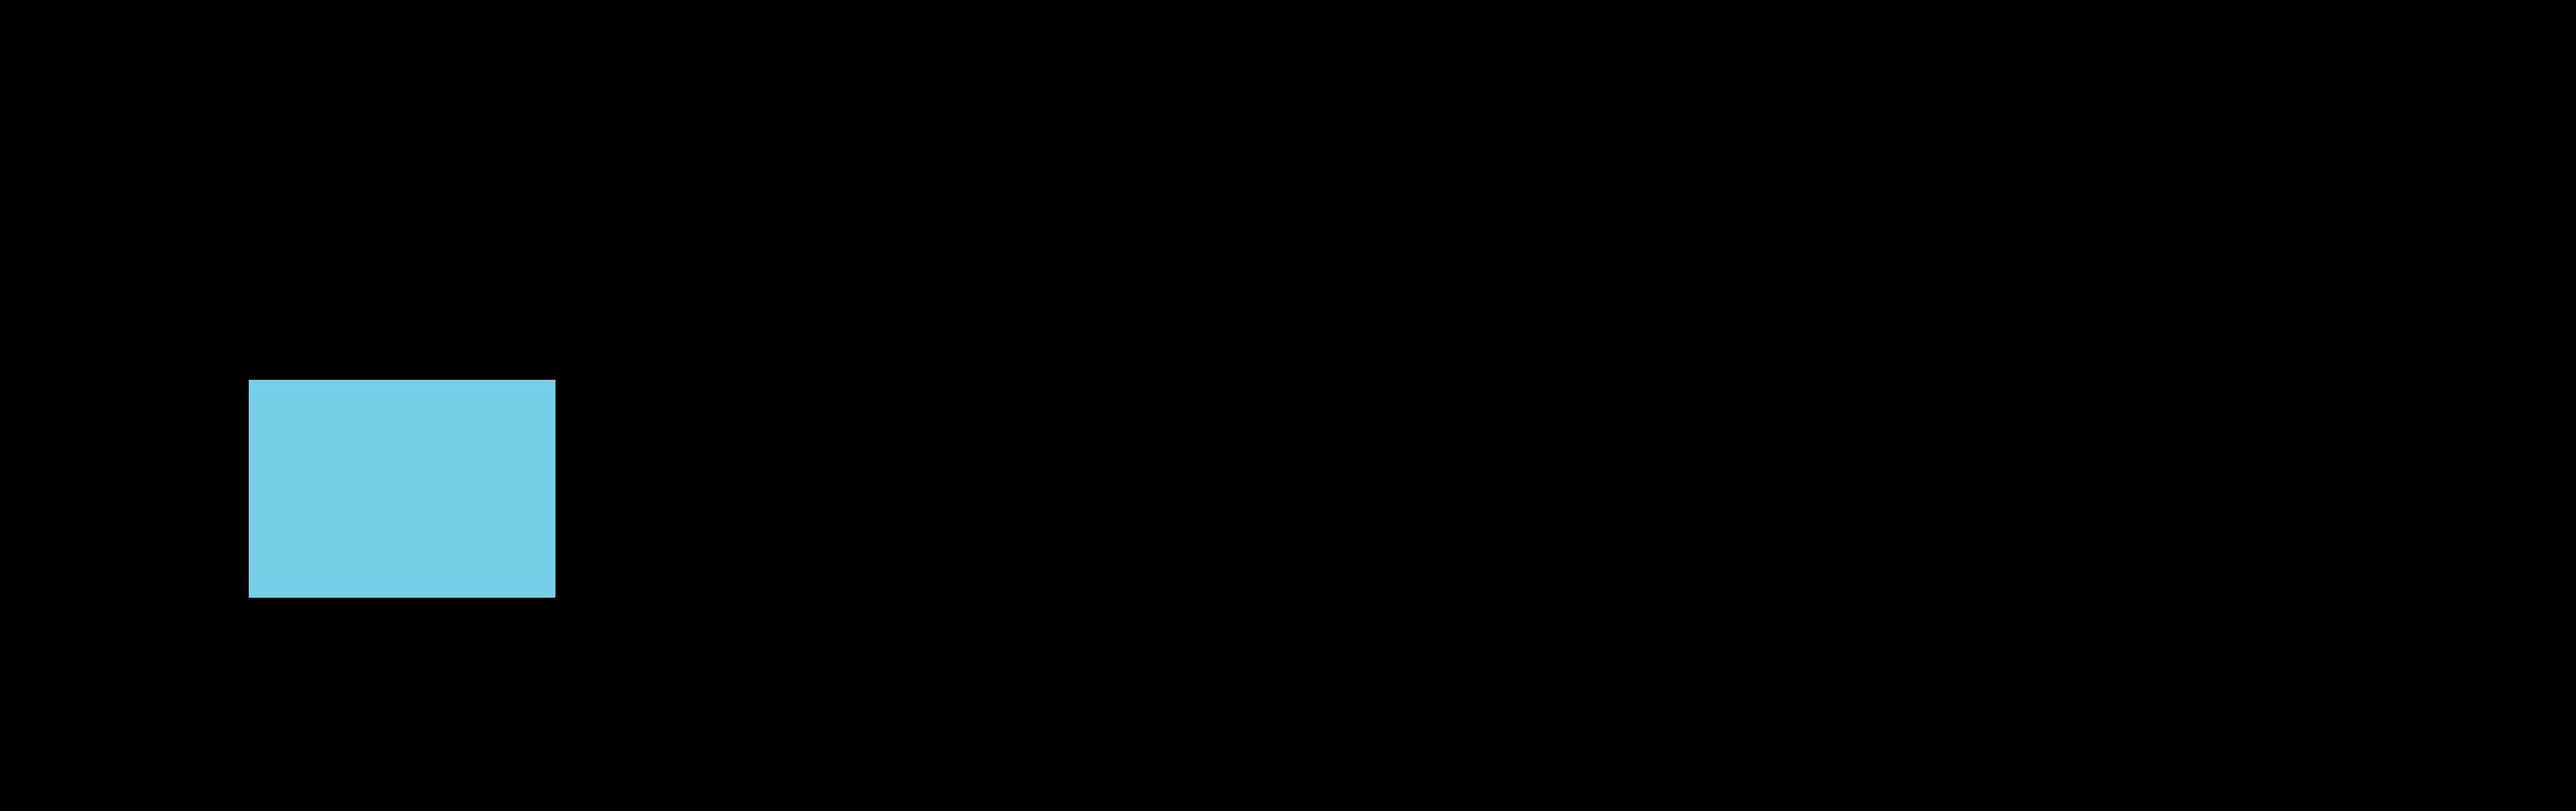 washa-vector-logo